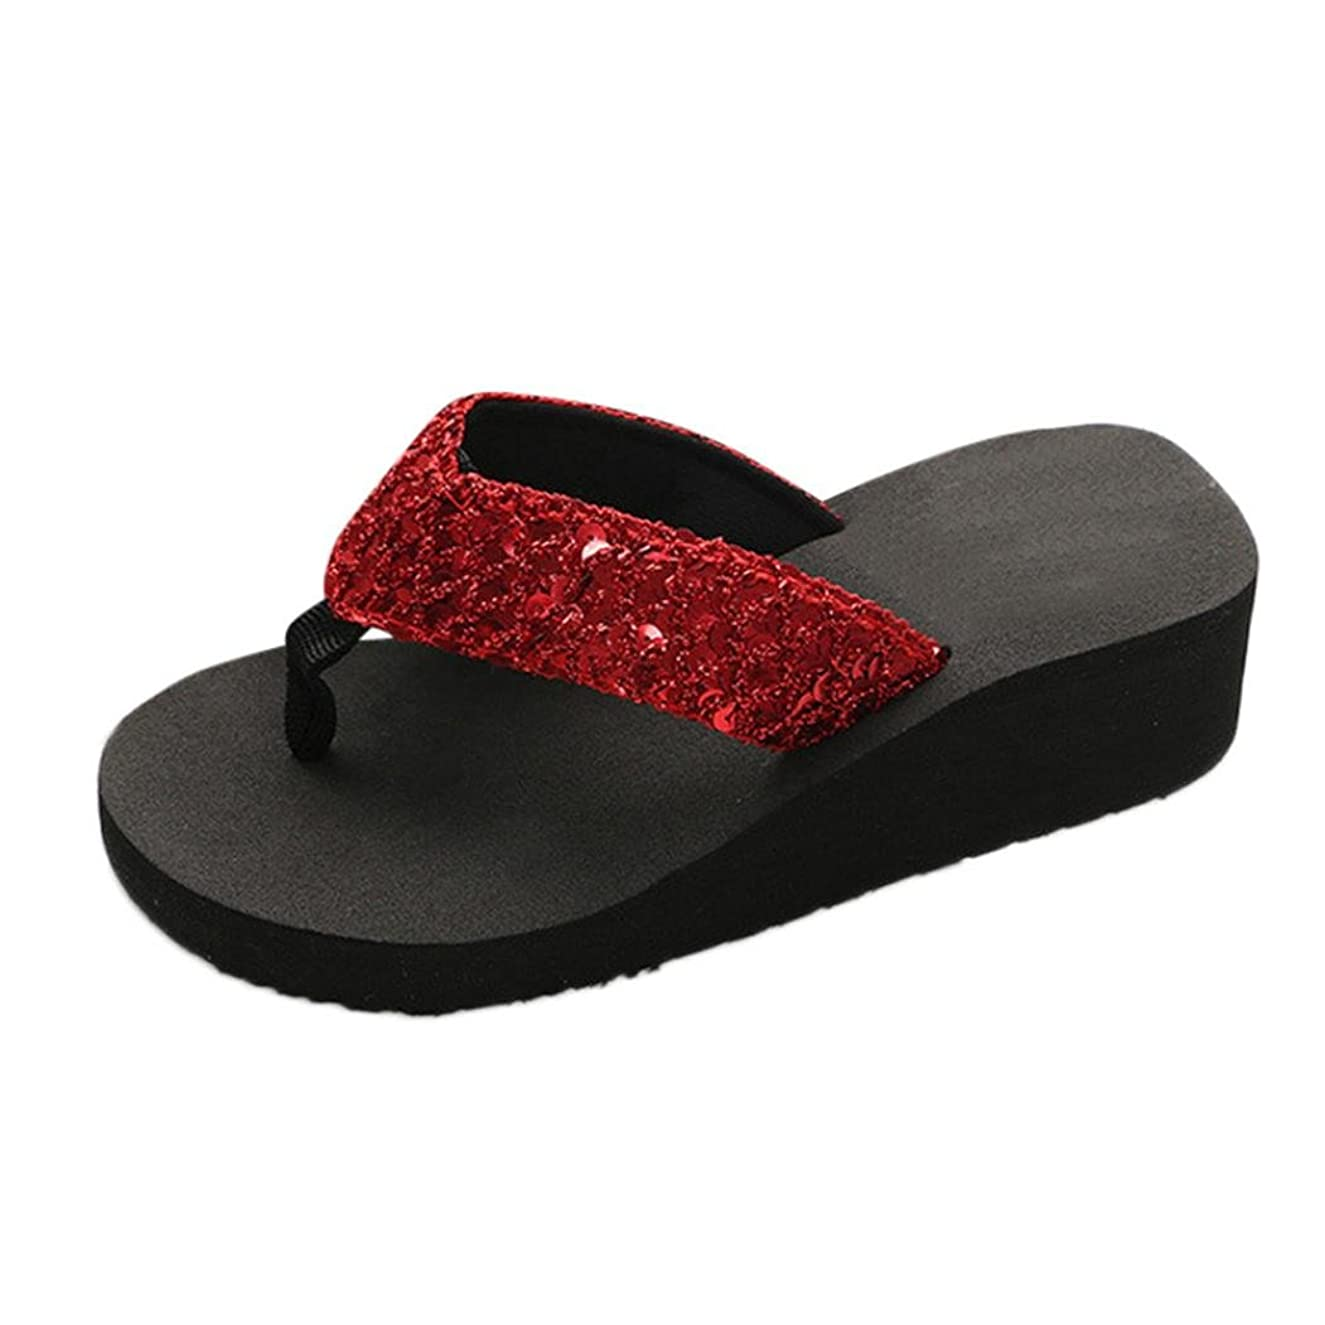 Inverlee Women's Summer Sequins Anti-Slip Sandals Slipper Indoor & Outdoor Flip-Flops